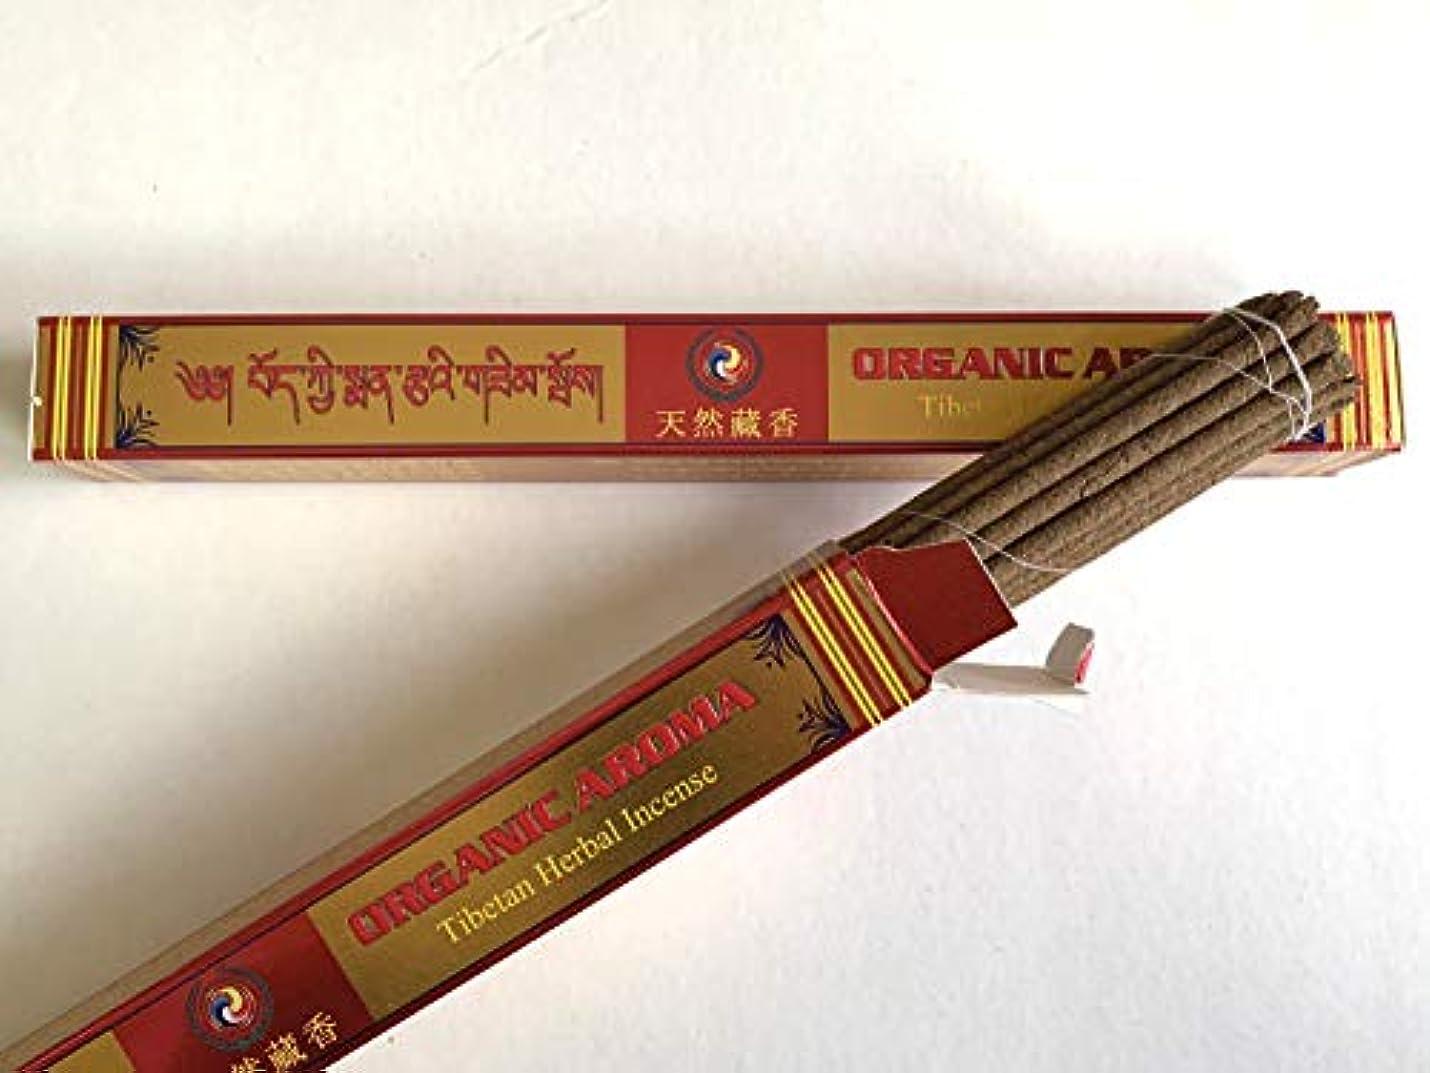 アルコーブ蒸辛いBonpo Tsang Agarbathi Factory/オーガニックアロマ(天然藏香) ORGANIC AROMA 約25本入り